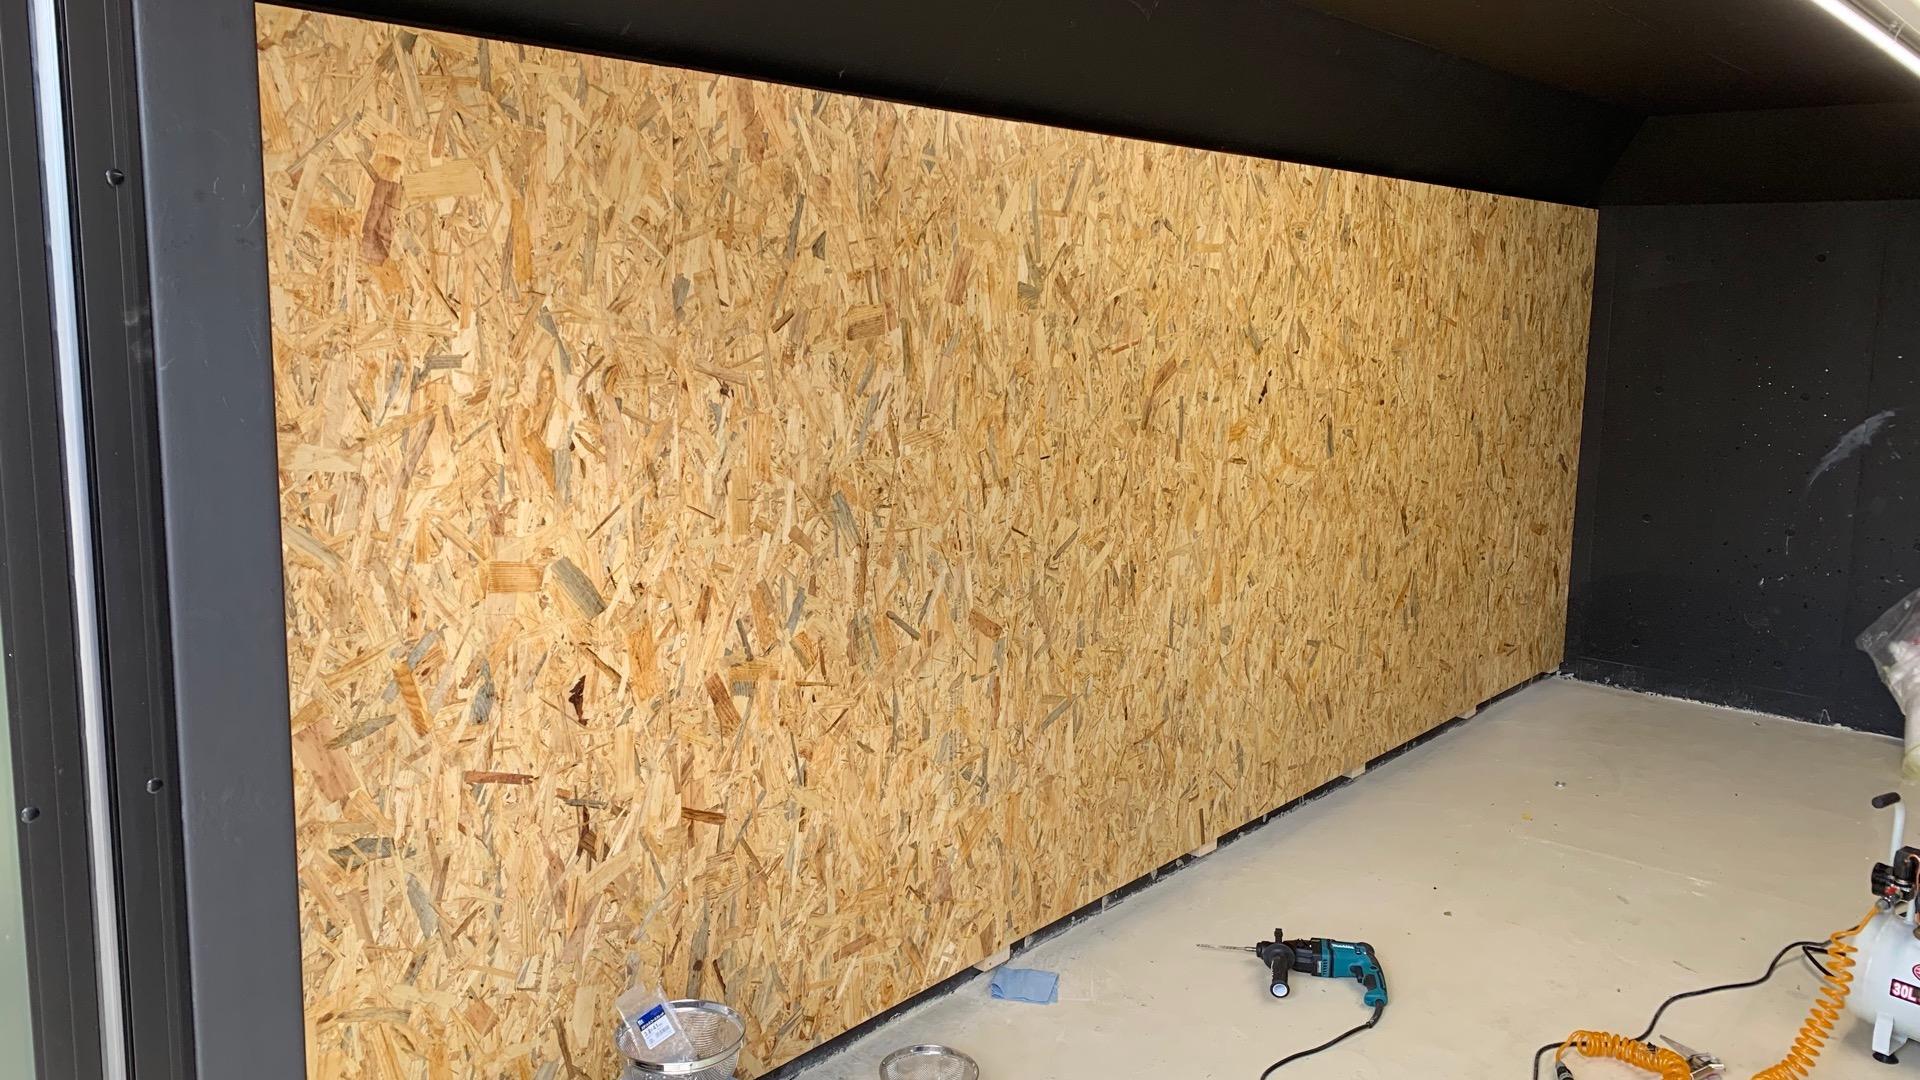 コンクリート壁にosbボードをdiy貼付け ガレージの壁面収納力をアップ